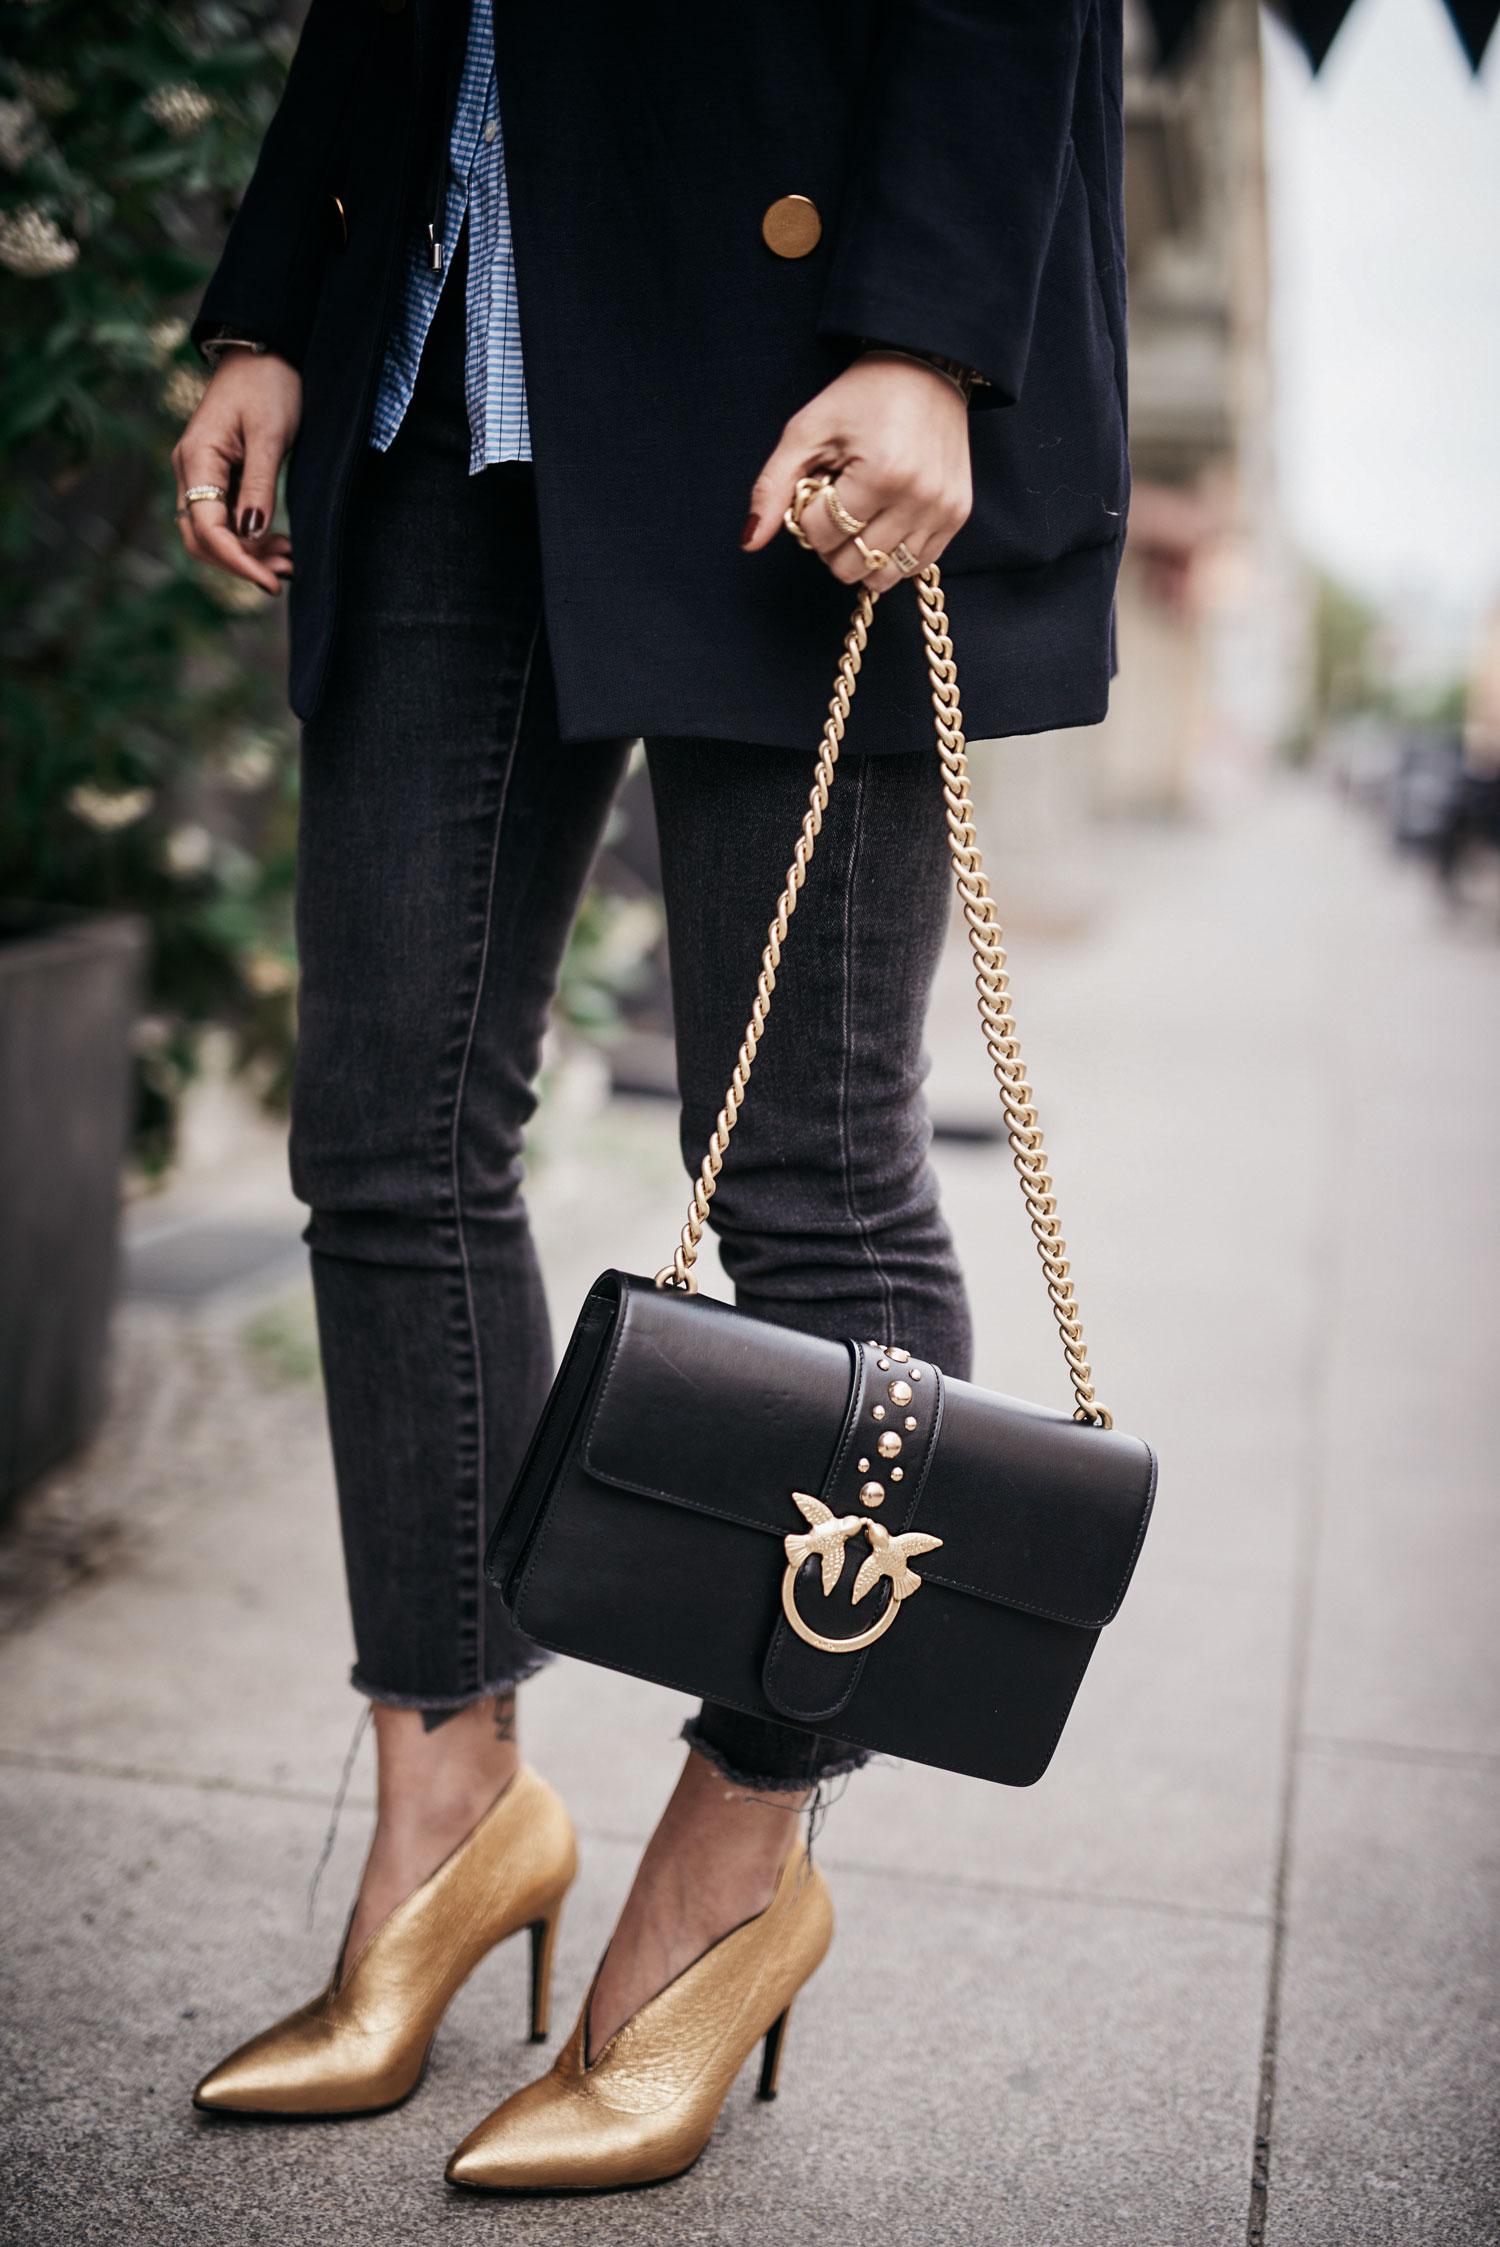 MАнализ тренда: Пояс-корсет | как носить его в офисе | вдохновляющий образ | стиль: шикарный, элегантный, сексуальный,  Korsage, Zara, Mango, Cos, золотые ботинки